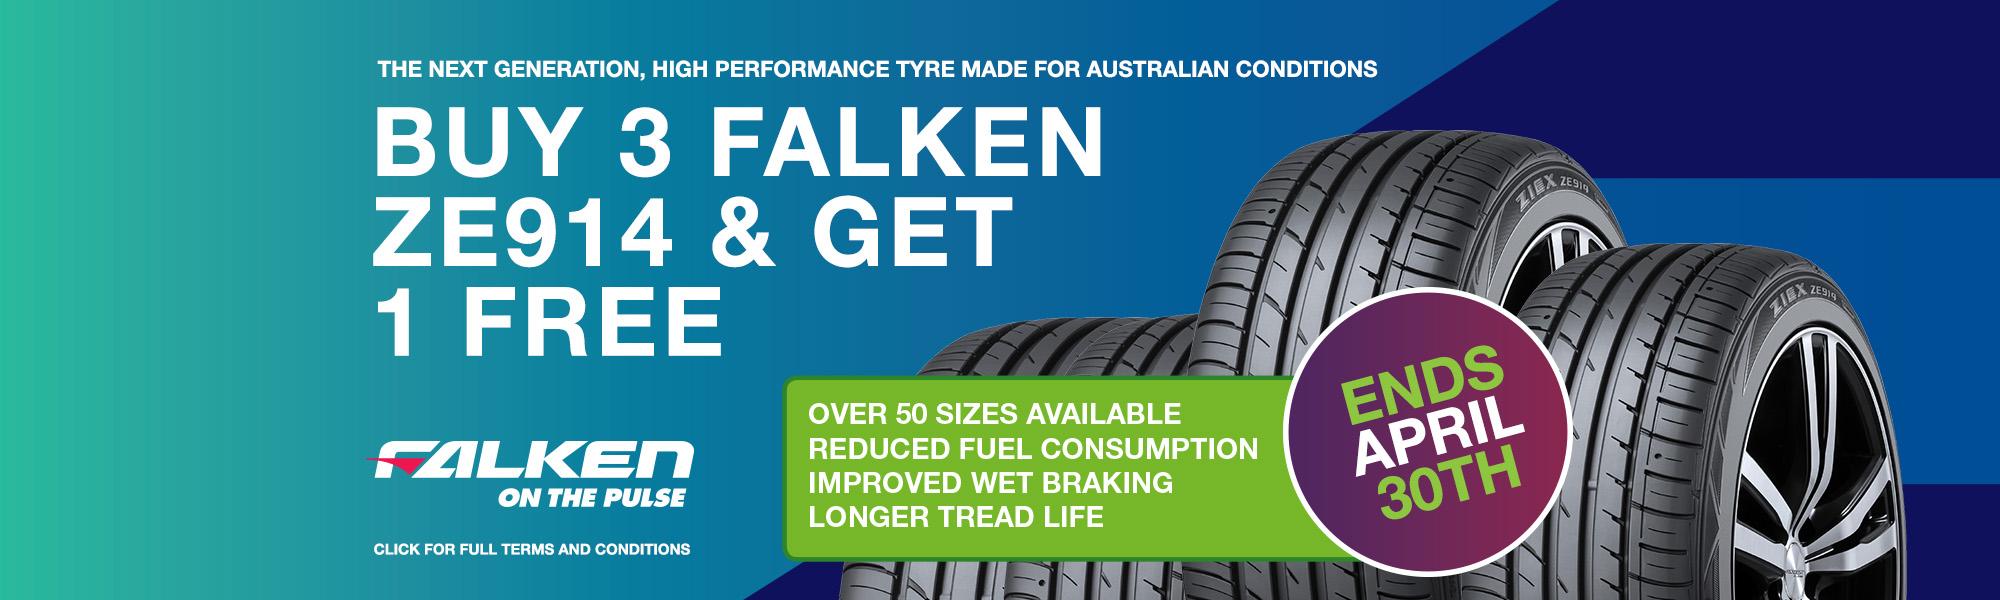 City Discount Tyres Falken 4 for 3 Deal